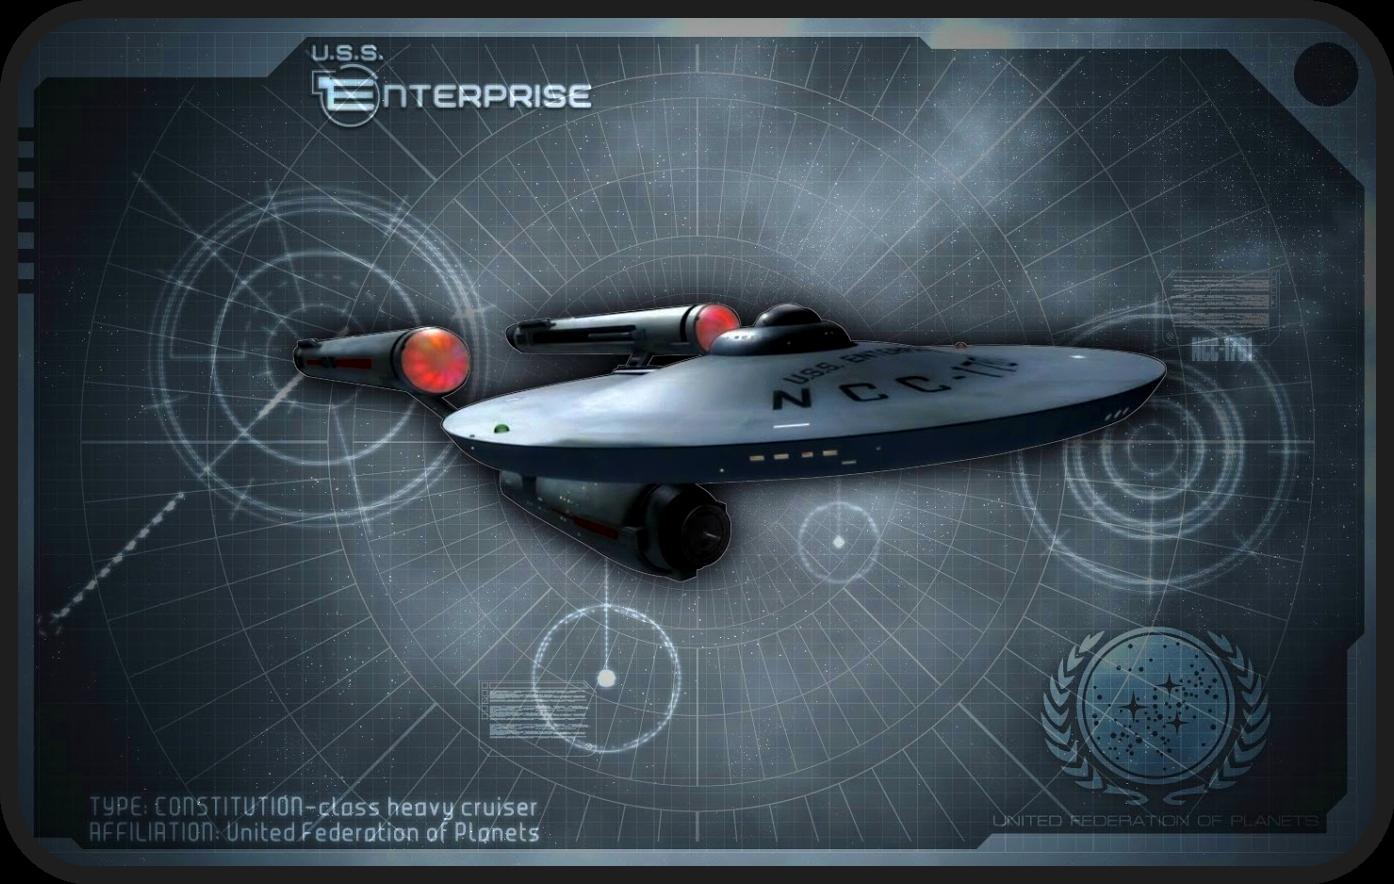 «USS Enterprise NCC-1701»